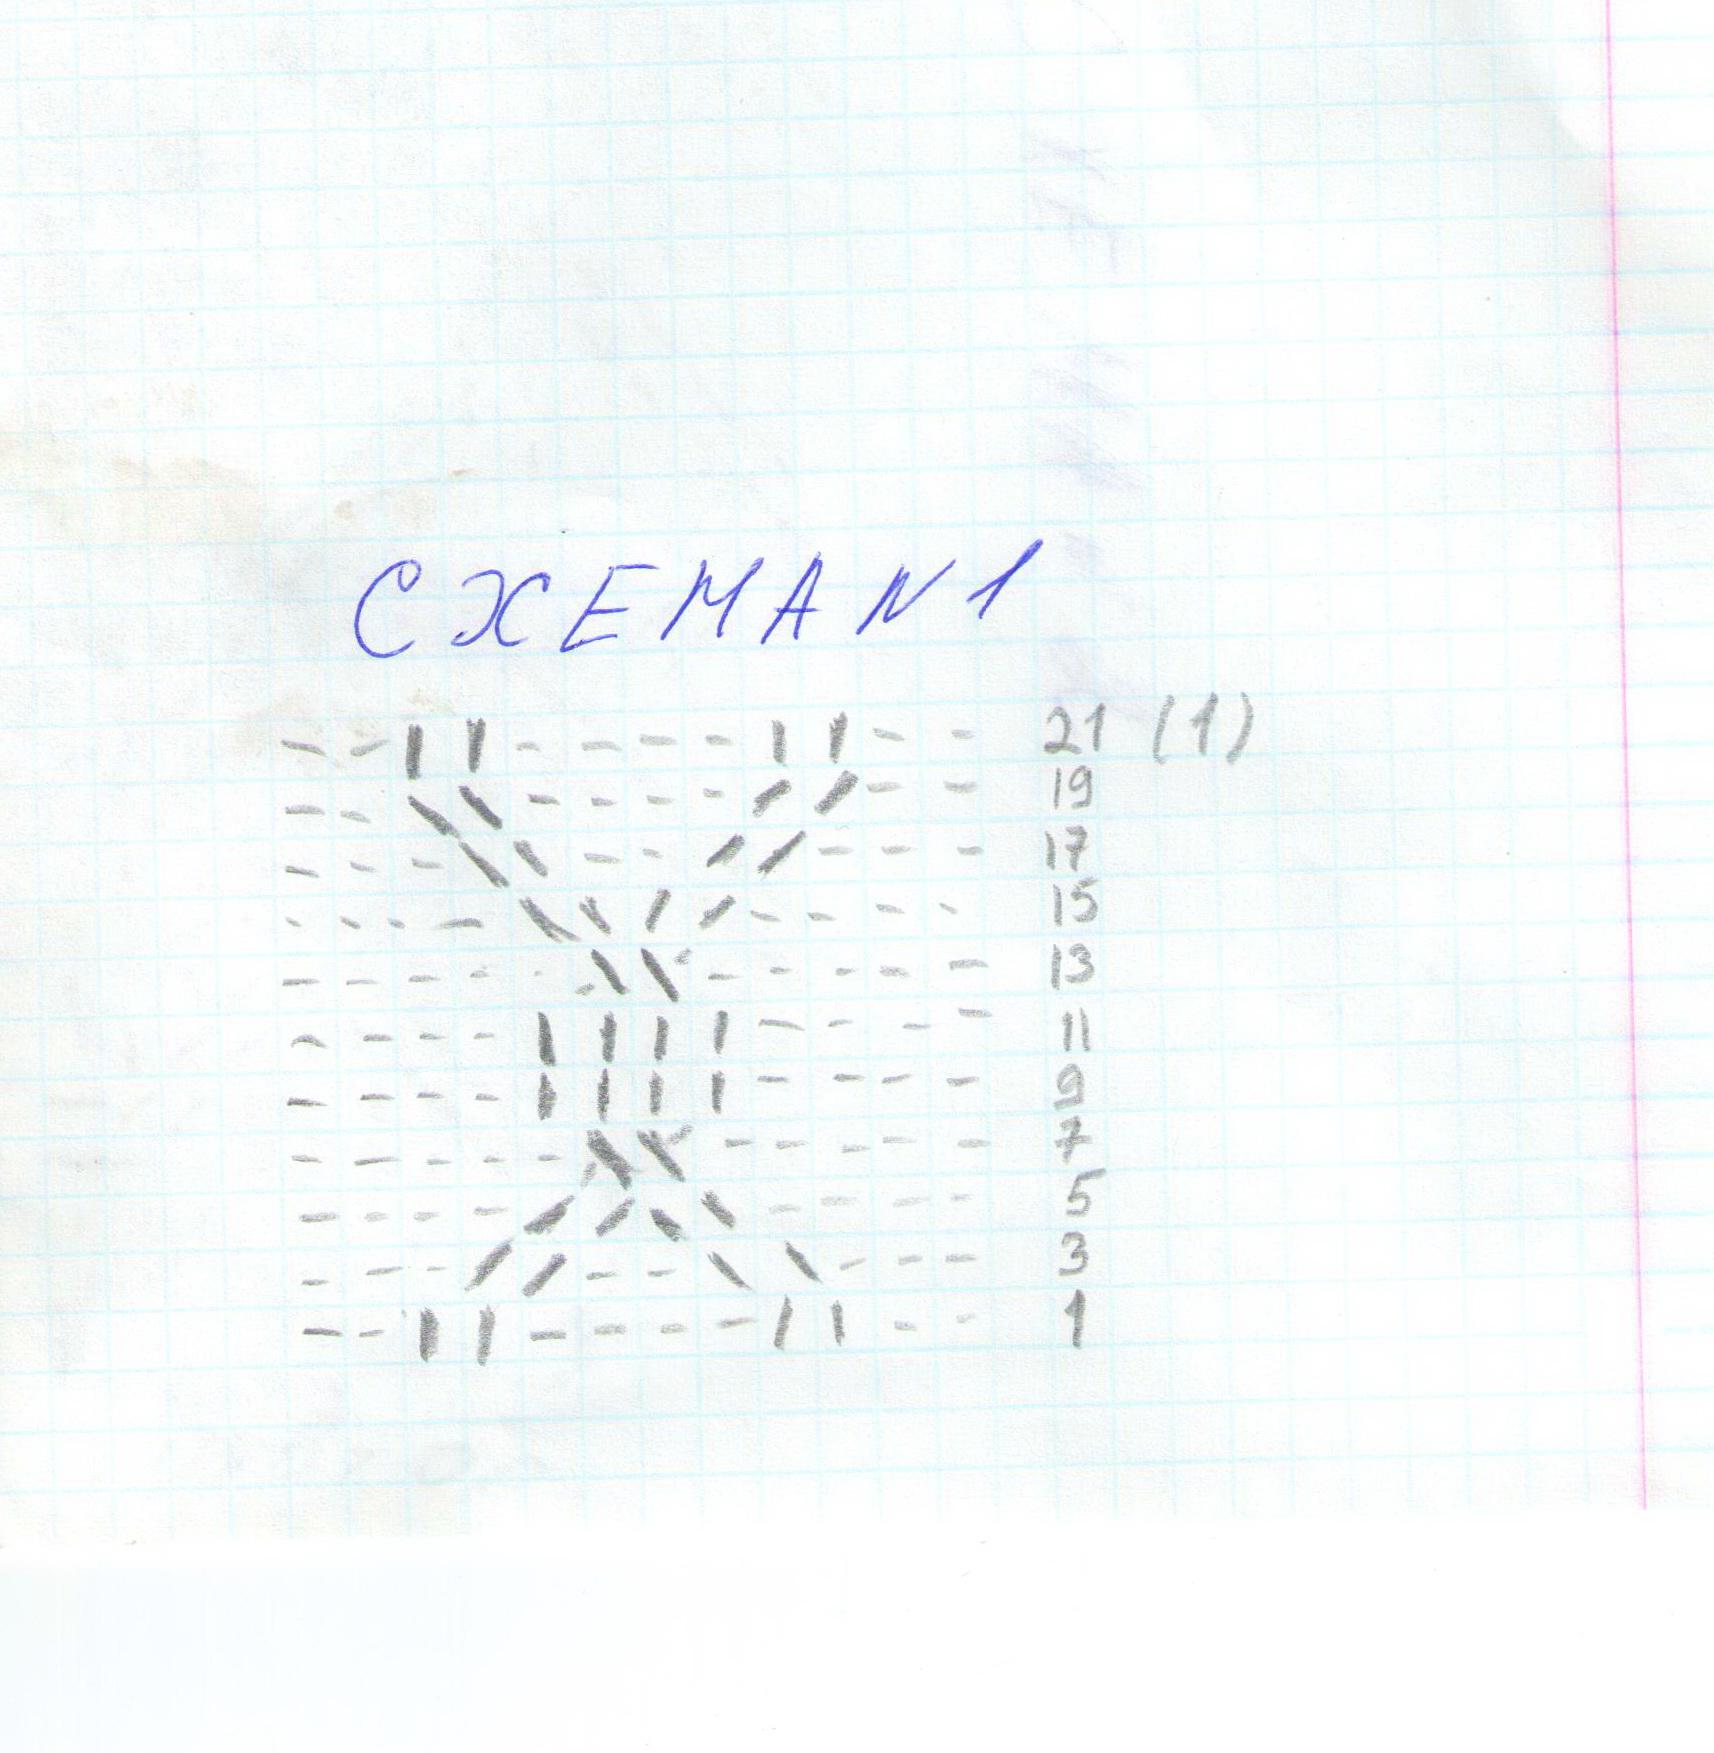 Пошаговая фото-инструкция по вязанию детского свитера на спицах. Фото №4